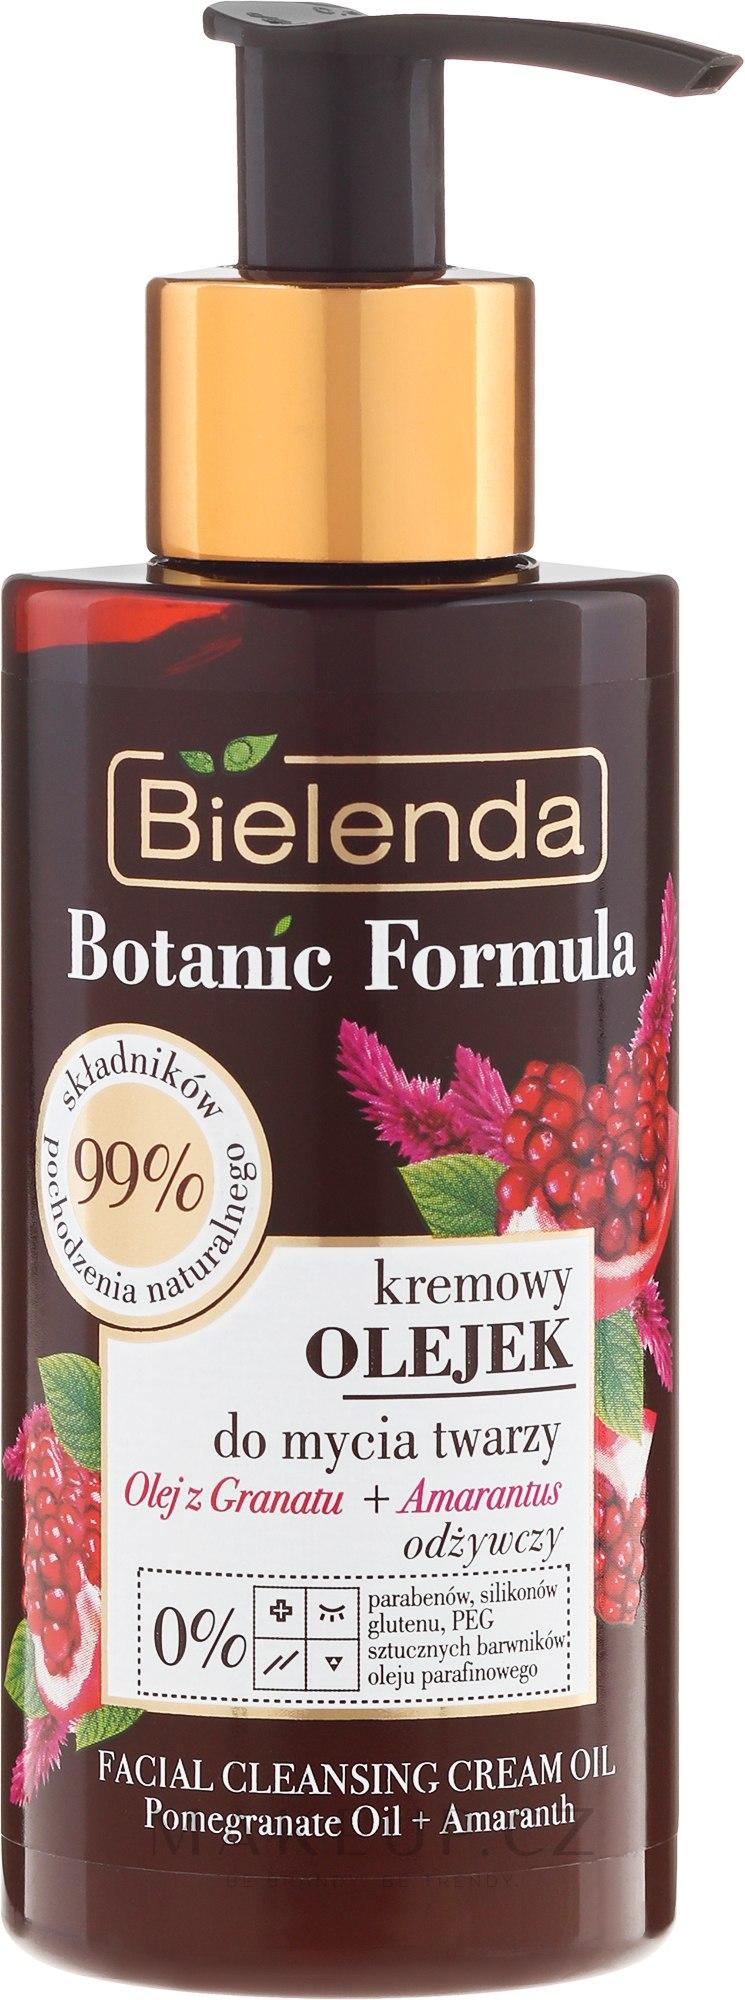 Čistící krémový olej na obličej - Bielenda Botanic Formula Pomegranate Oil + Amaranth Facial Cleansing Cream Oil — foto 140 ml